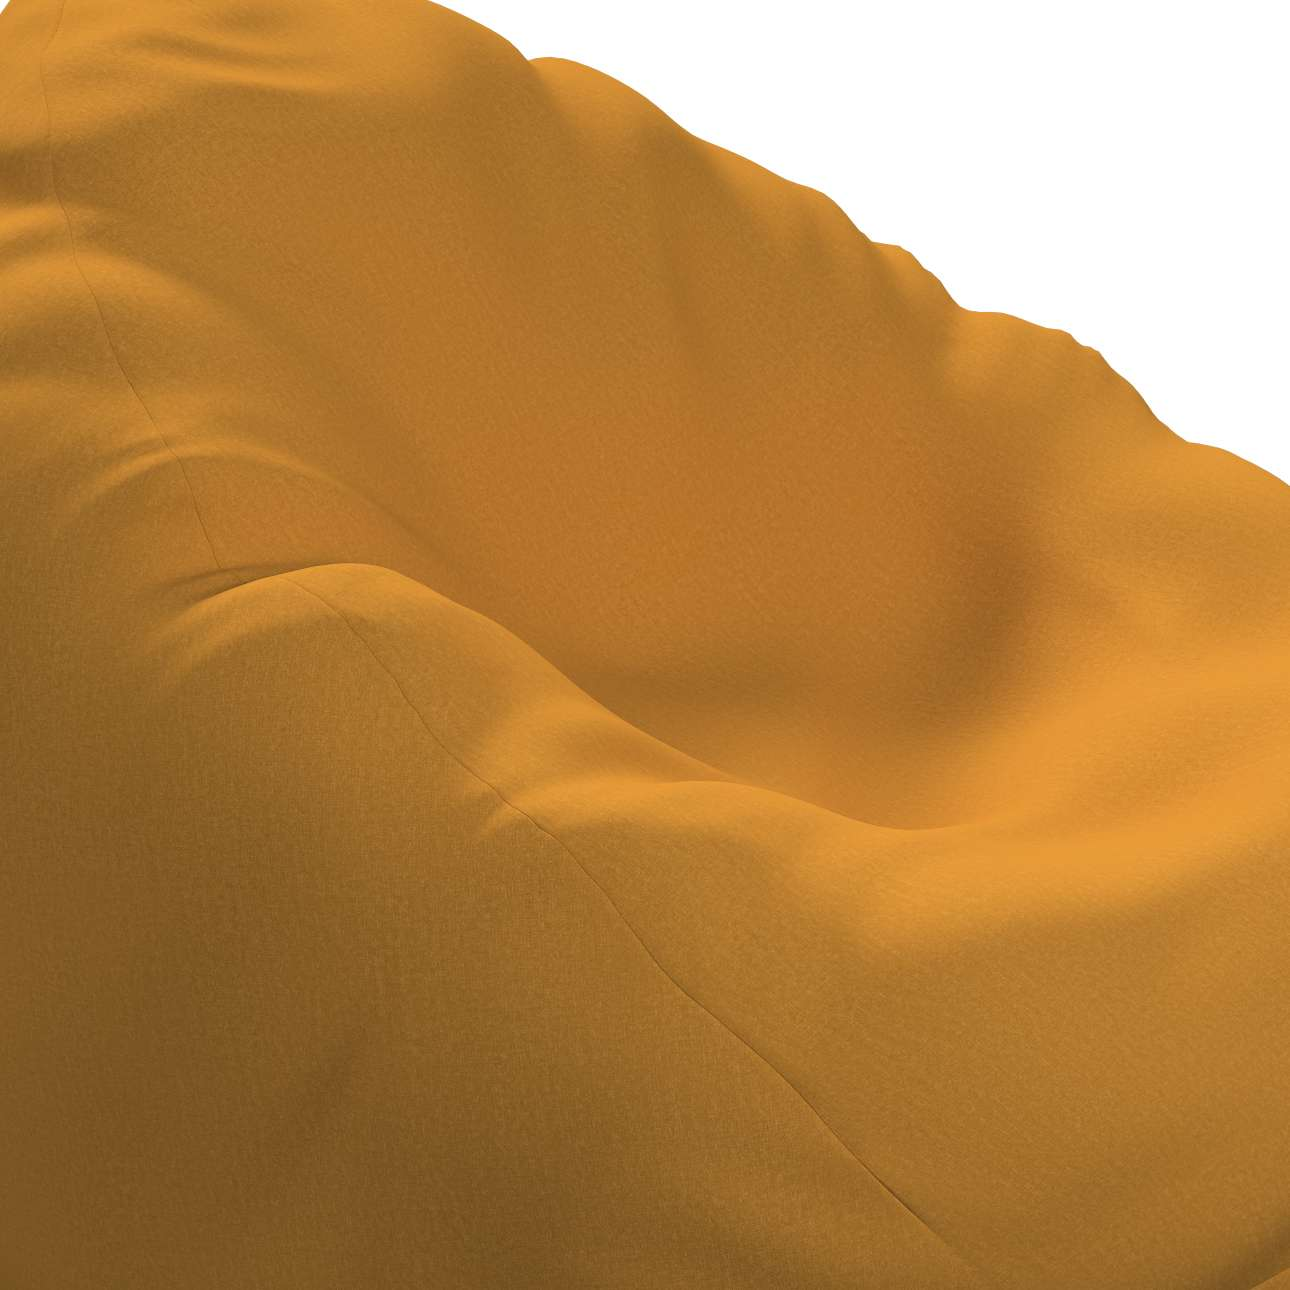 Pokrowiec na worek do siedzenia w kolekcji Living, tkanina: 161-64